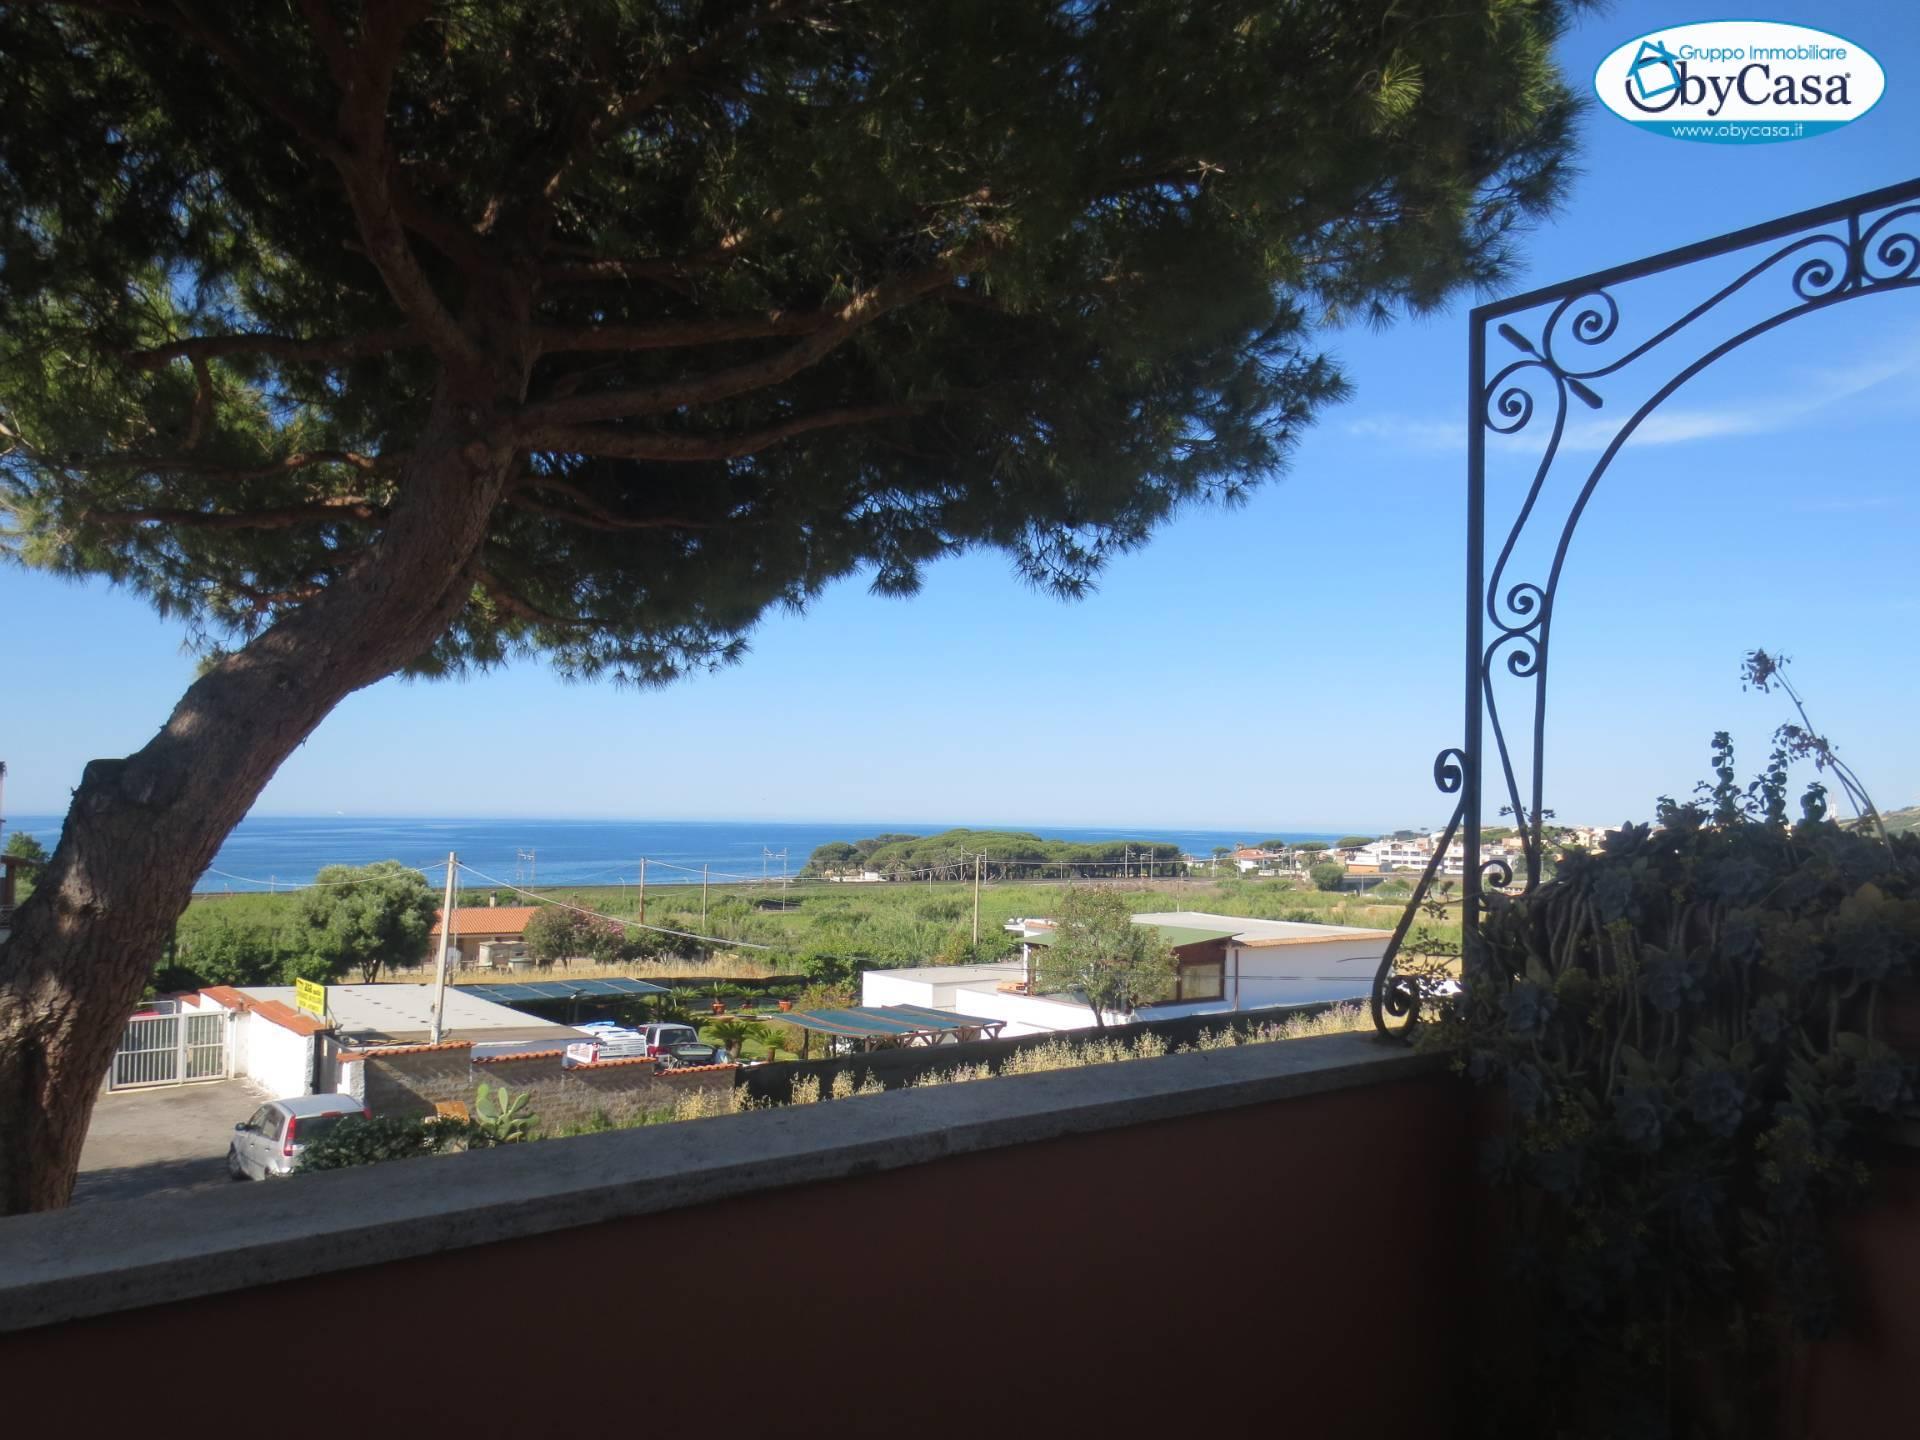 Appartamento in vendita a Santa Marinella, 4 locali, zona Località: Quartaccia, prezzo € 129.000 | PortaleAgenzieImmobiliari.it